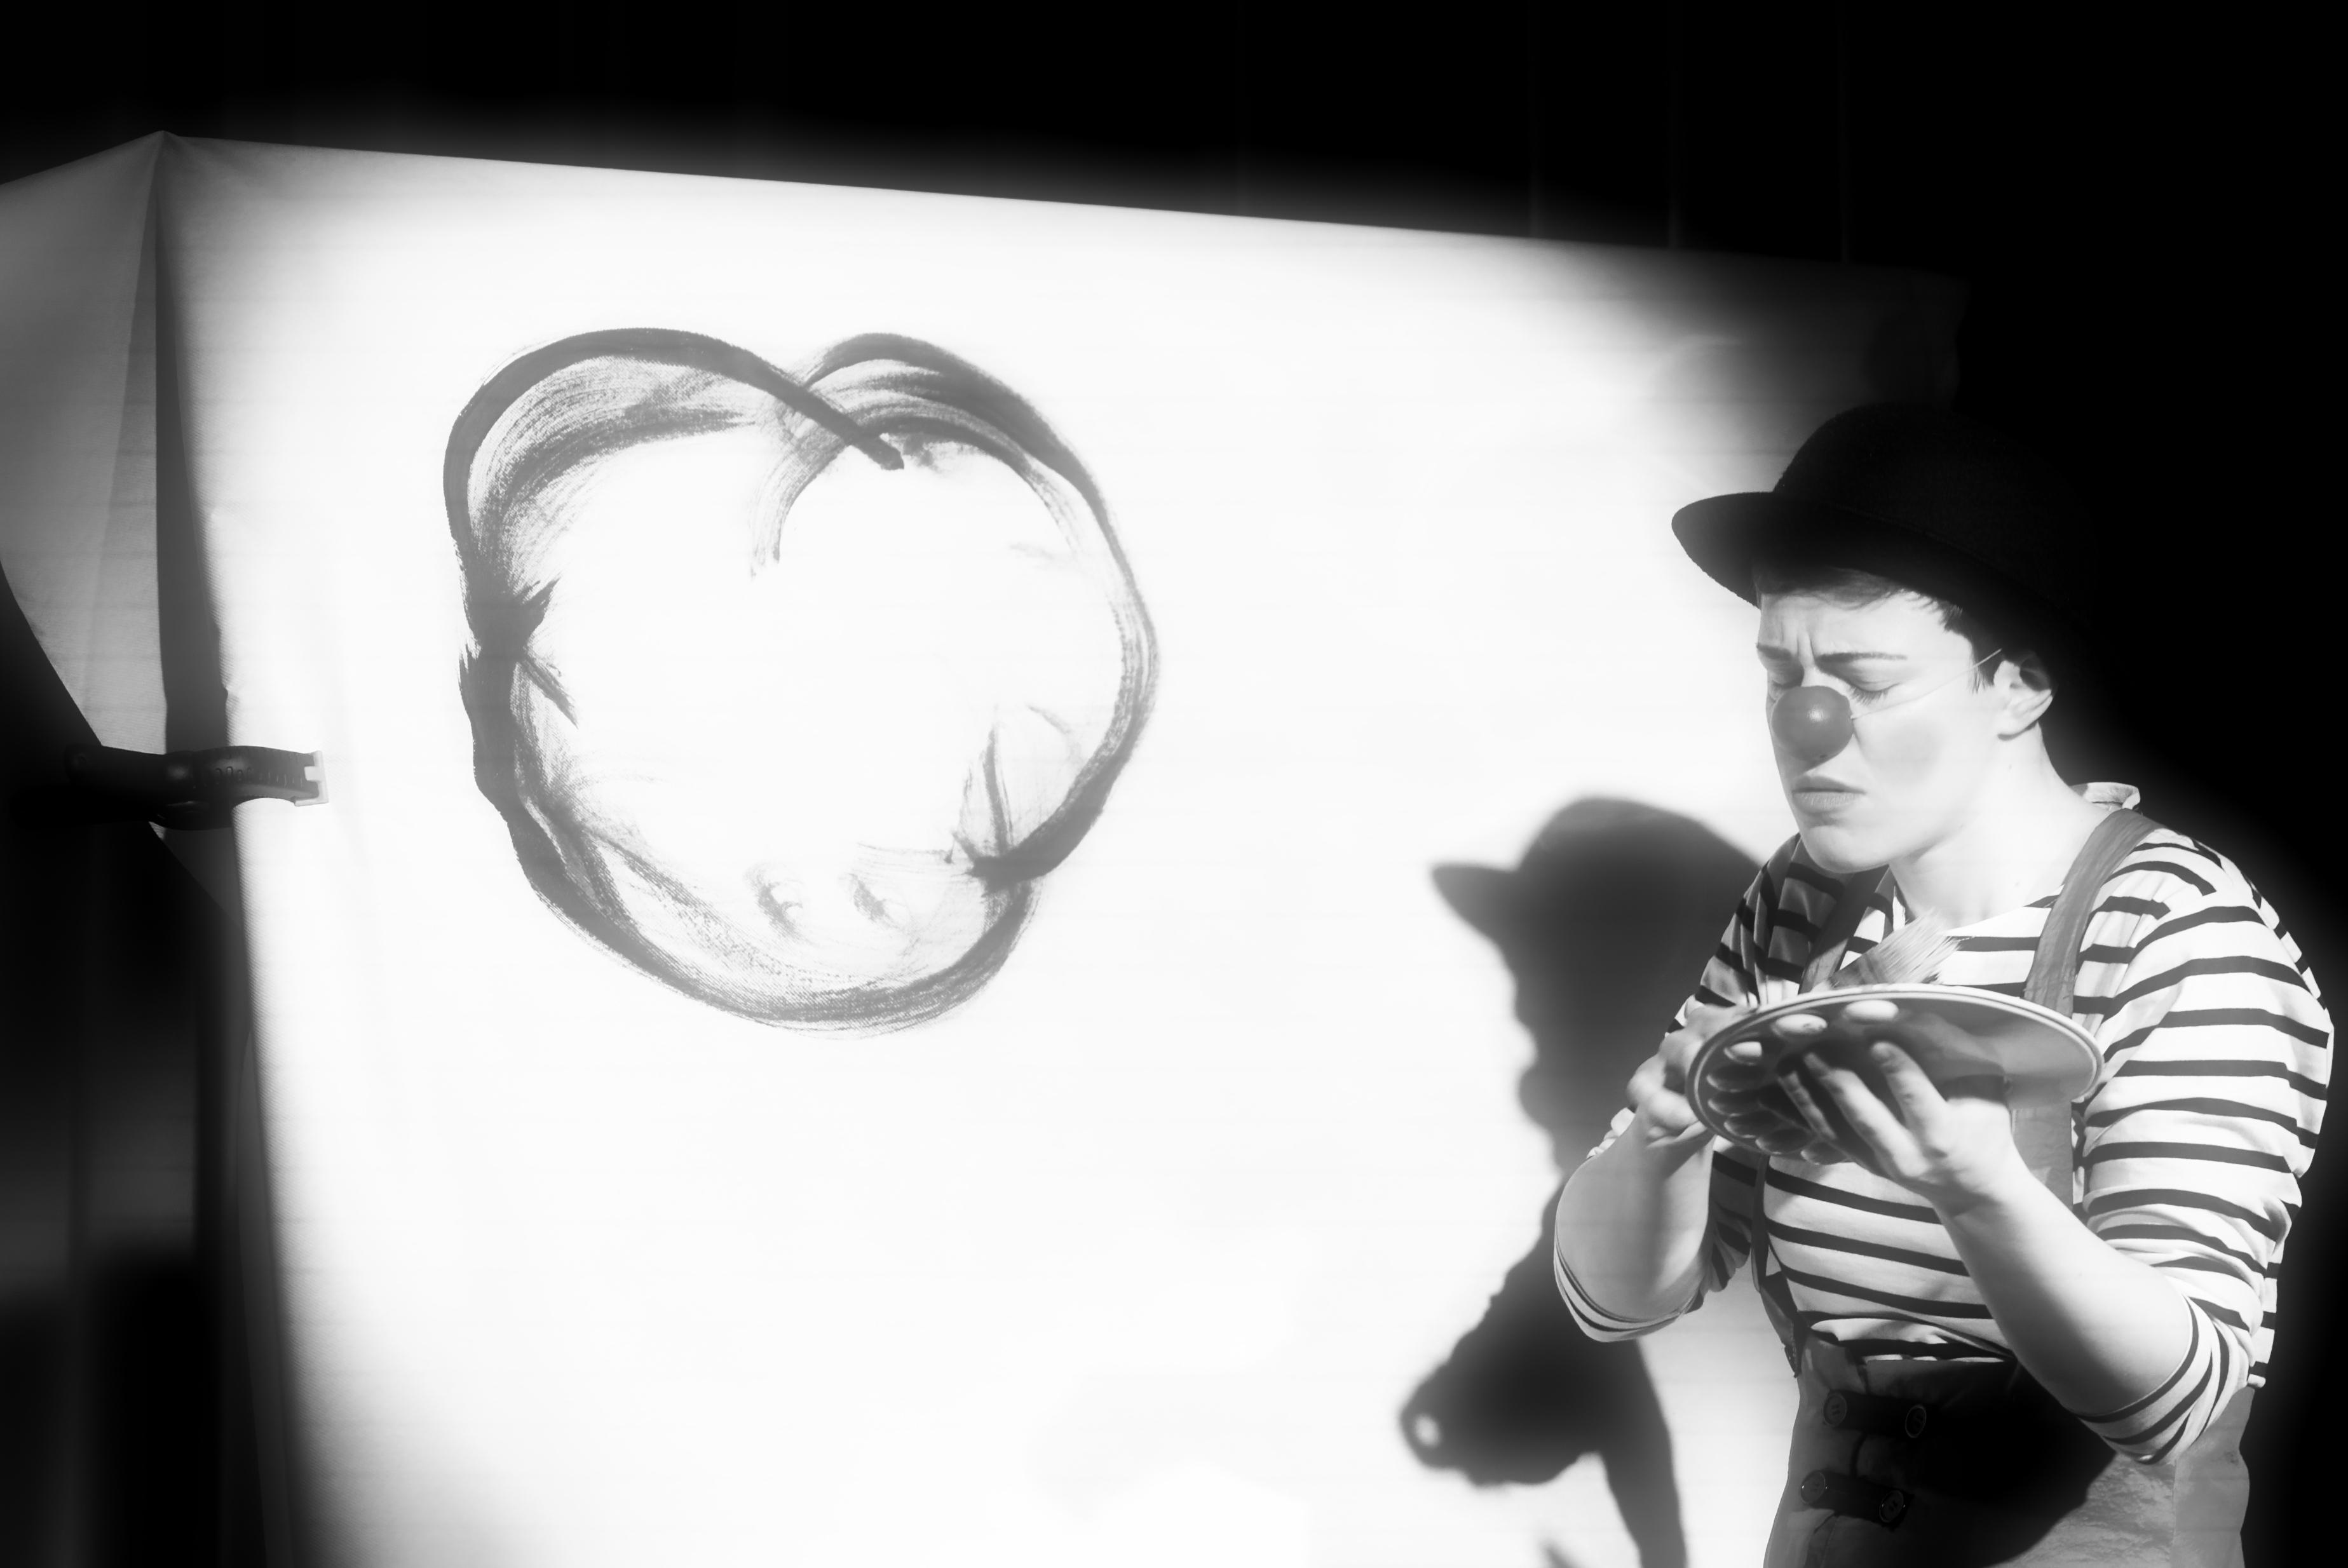 Un clown au pays de la musique classique 3 le classique for Une fenetre ouverte paroles